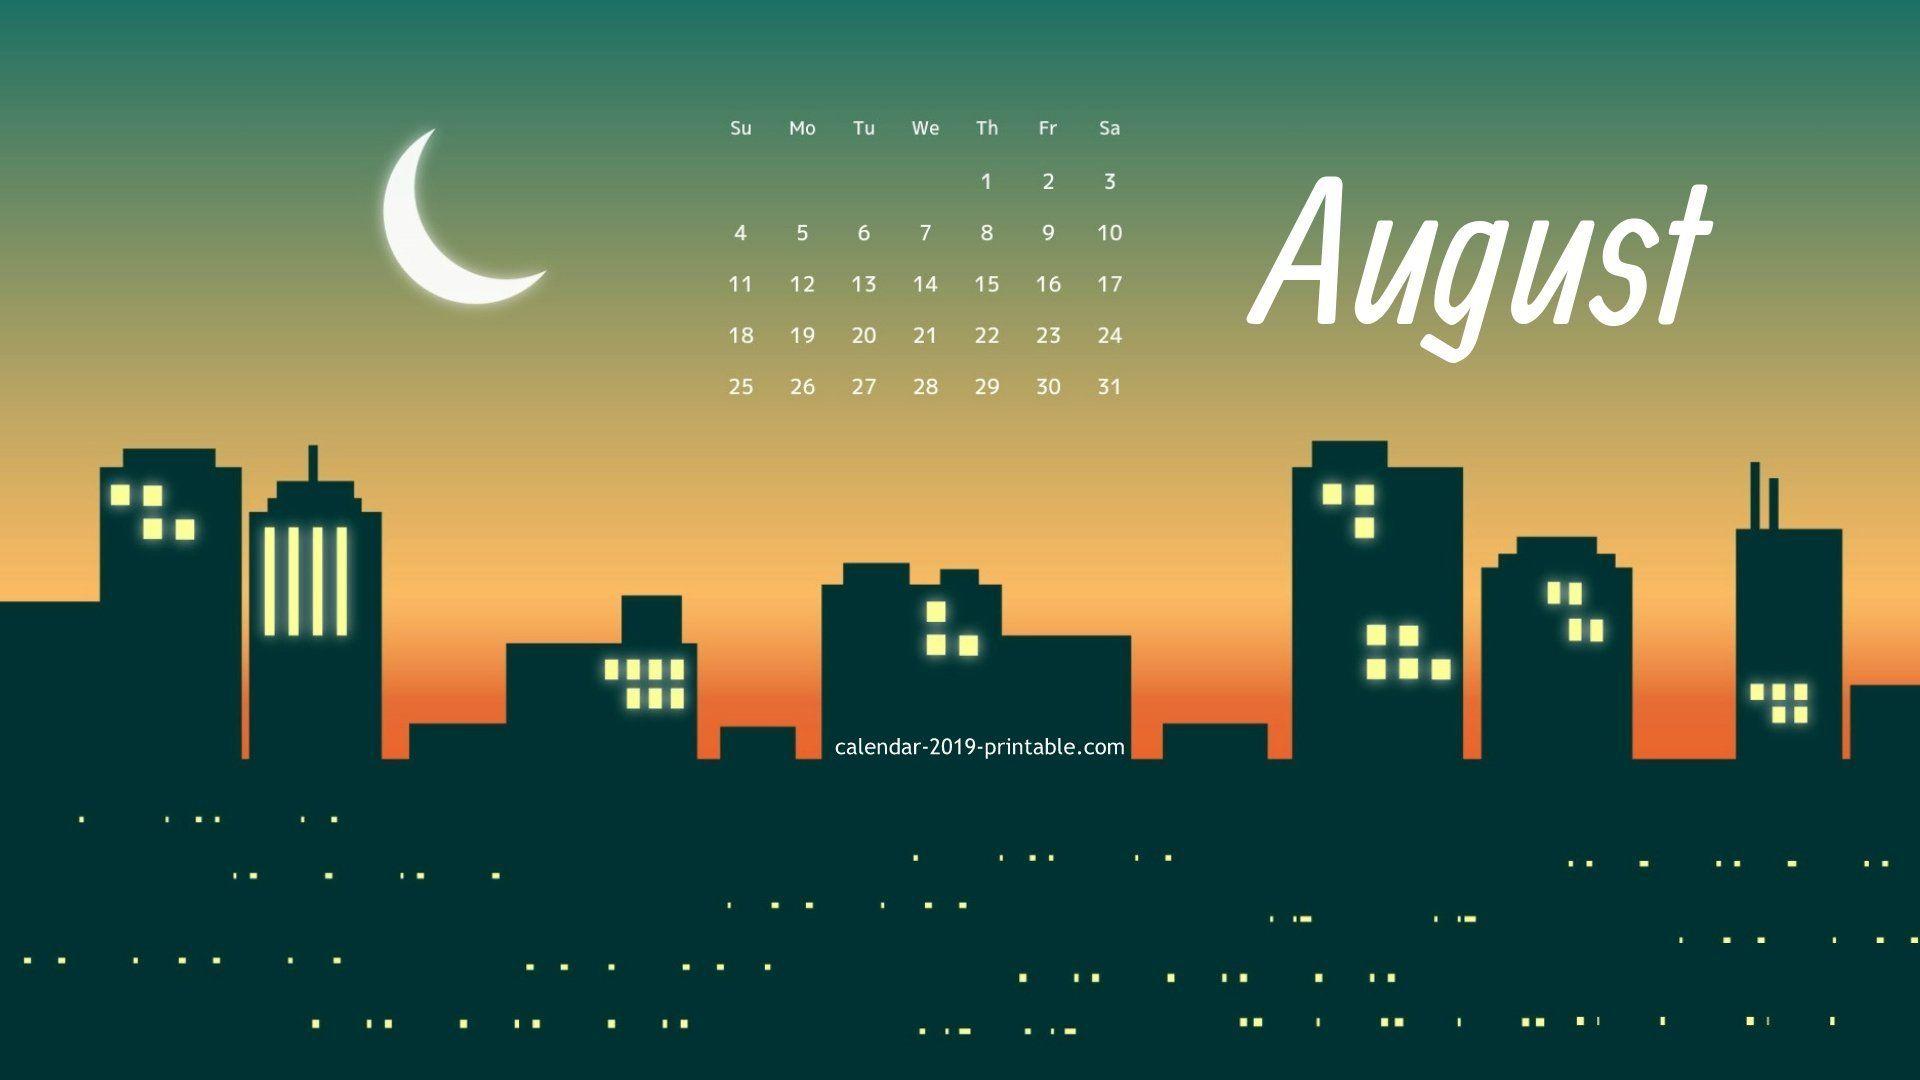 August 2019 Pc Calendar Wallpaper Desktop Calendar Wallpaper 2019 Calendar August Calendar